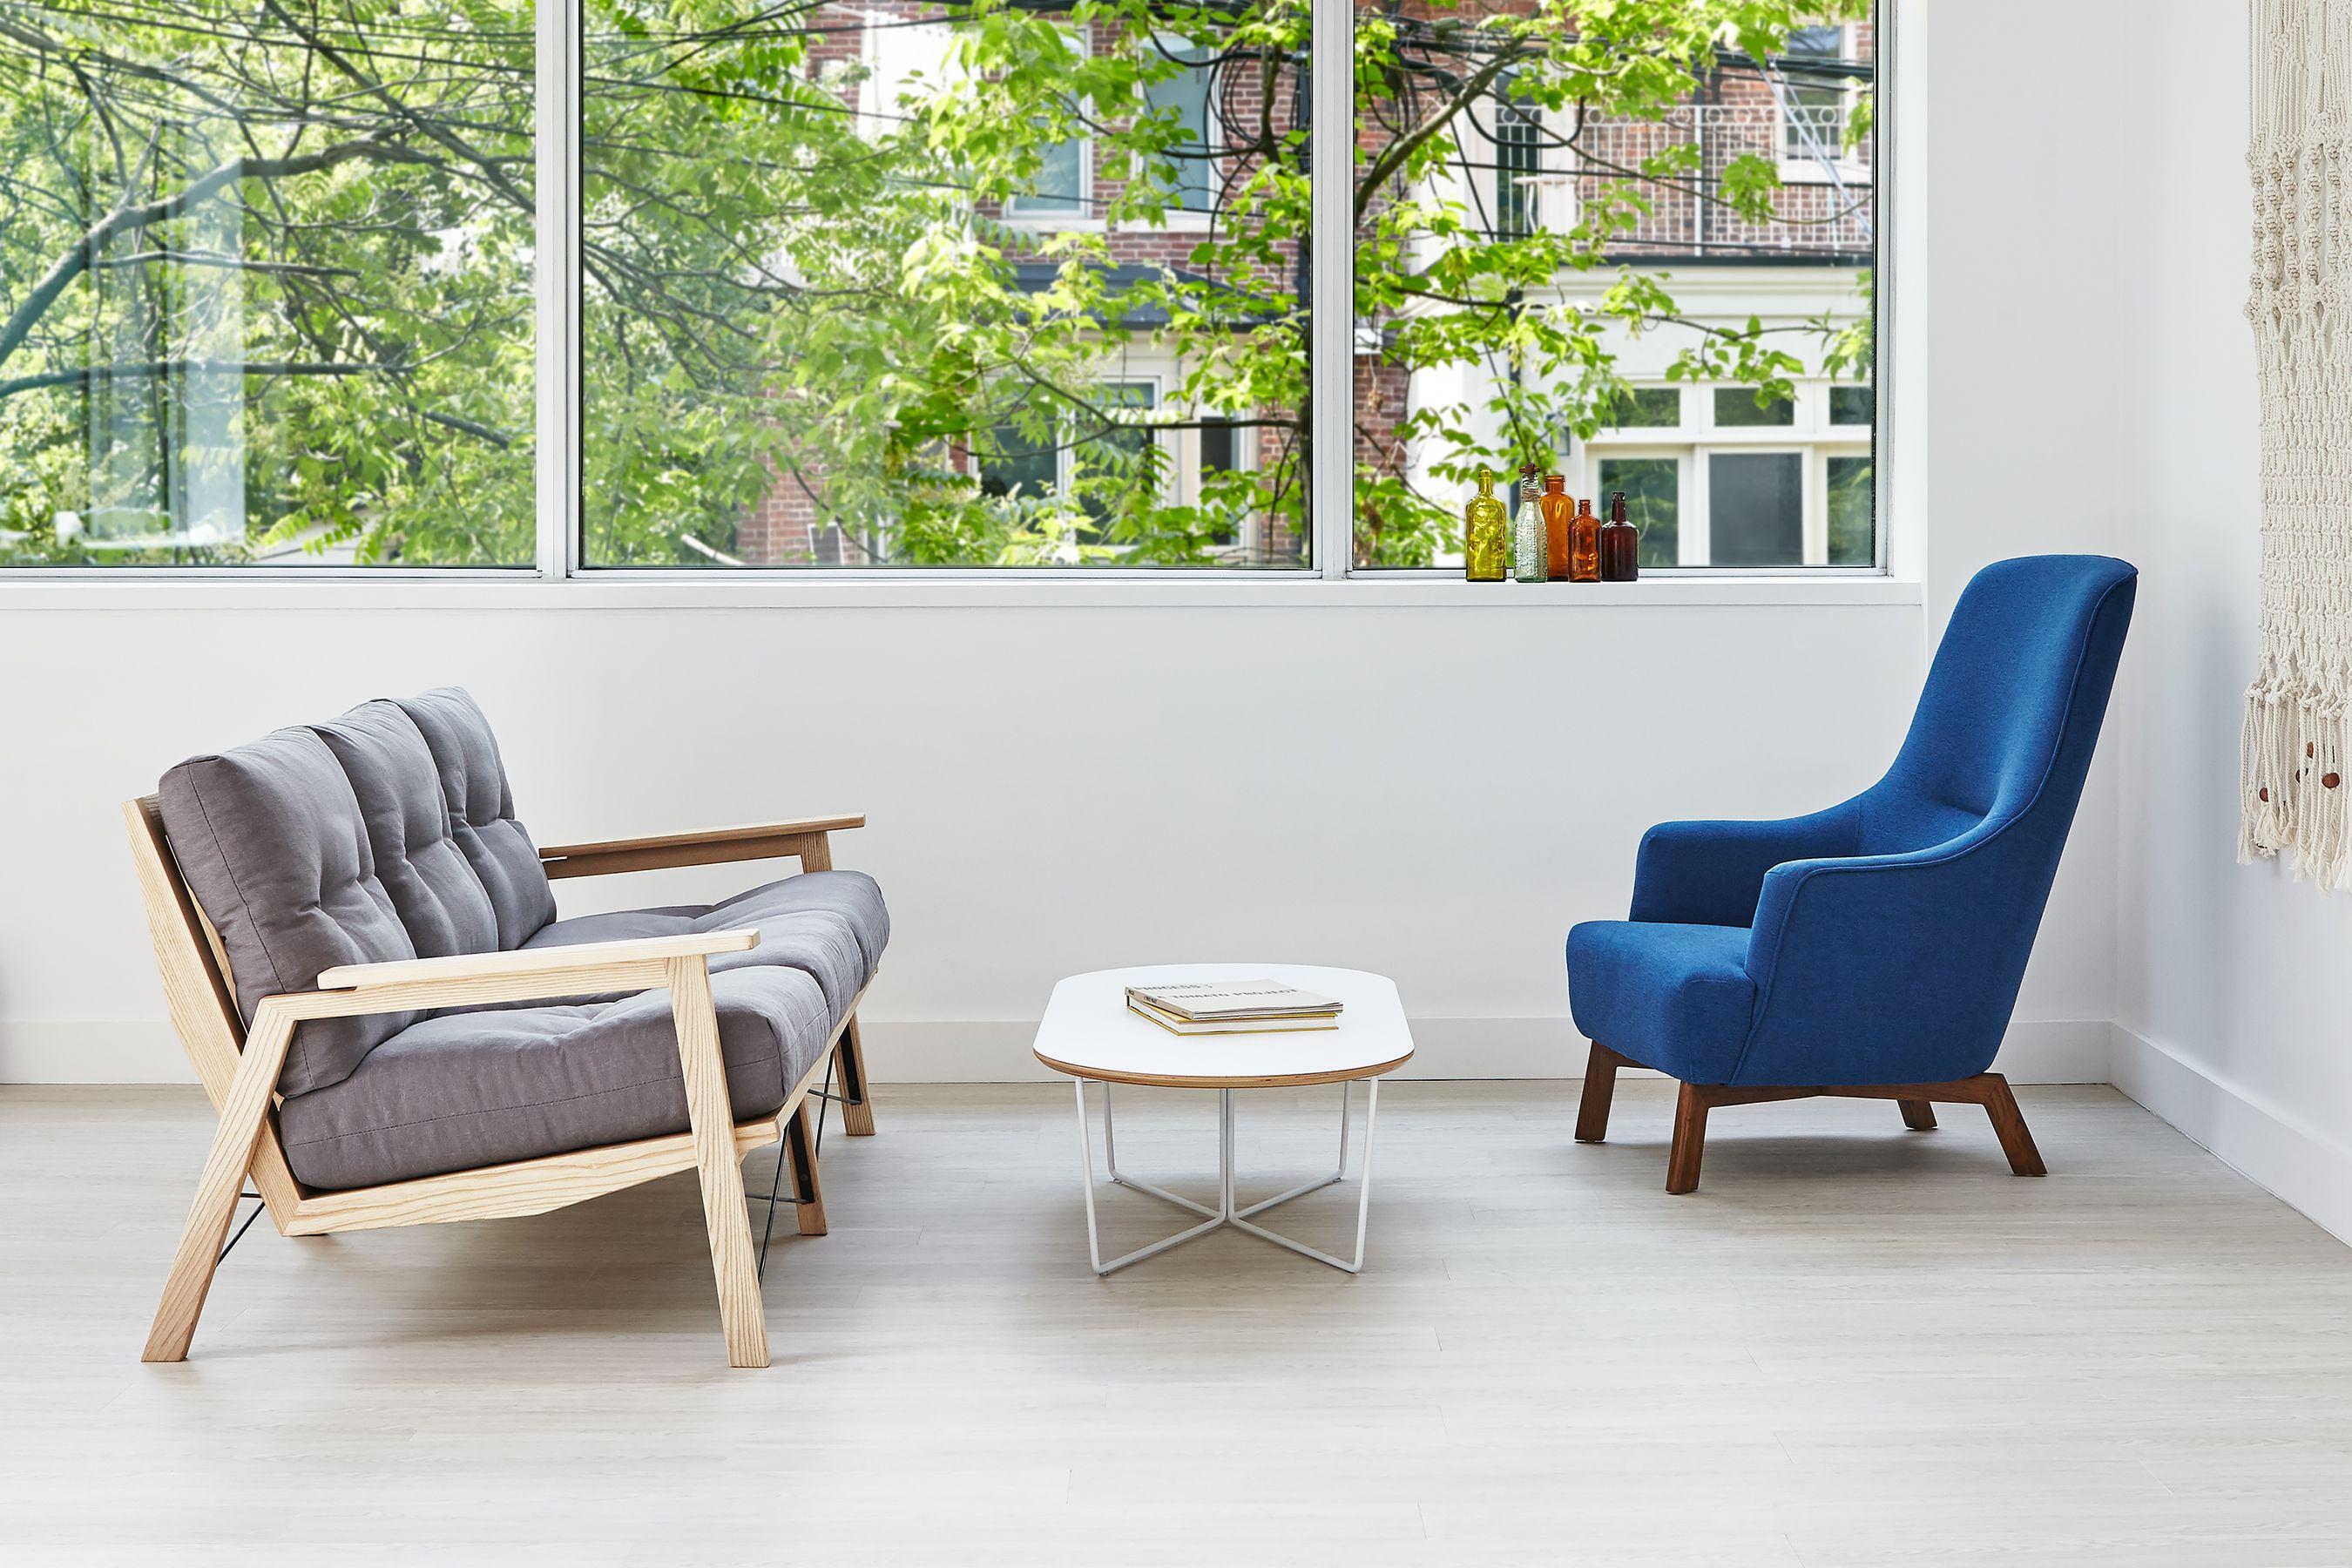 Hilary Chair Chairs Gliders Coffee Table Gus Modern Gus Modern Sofa